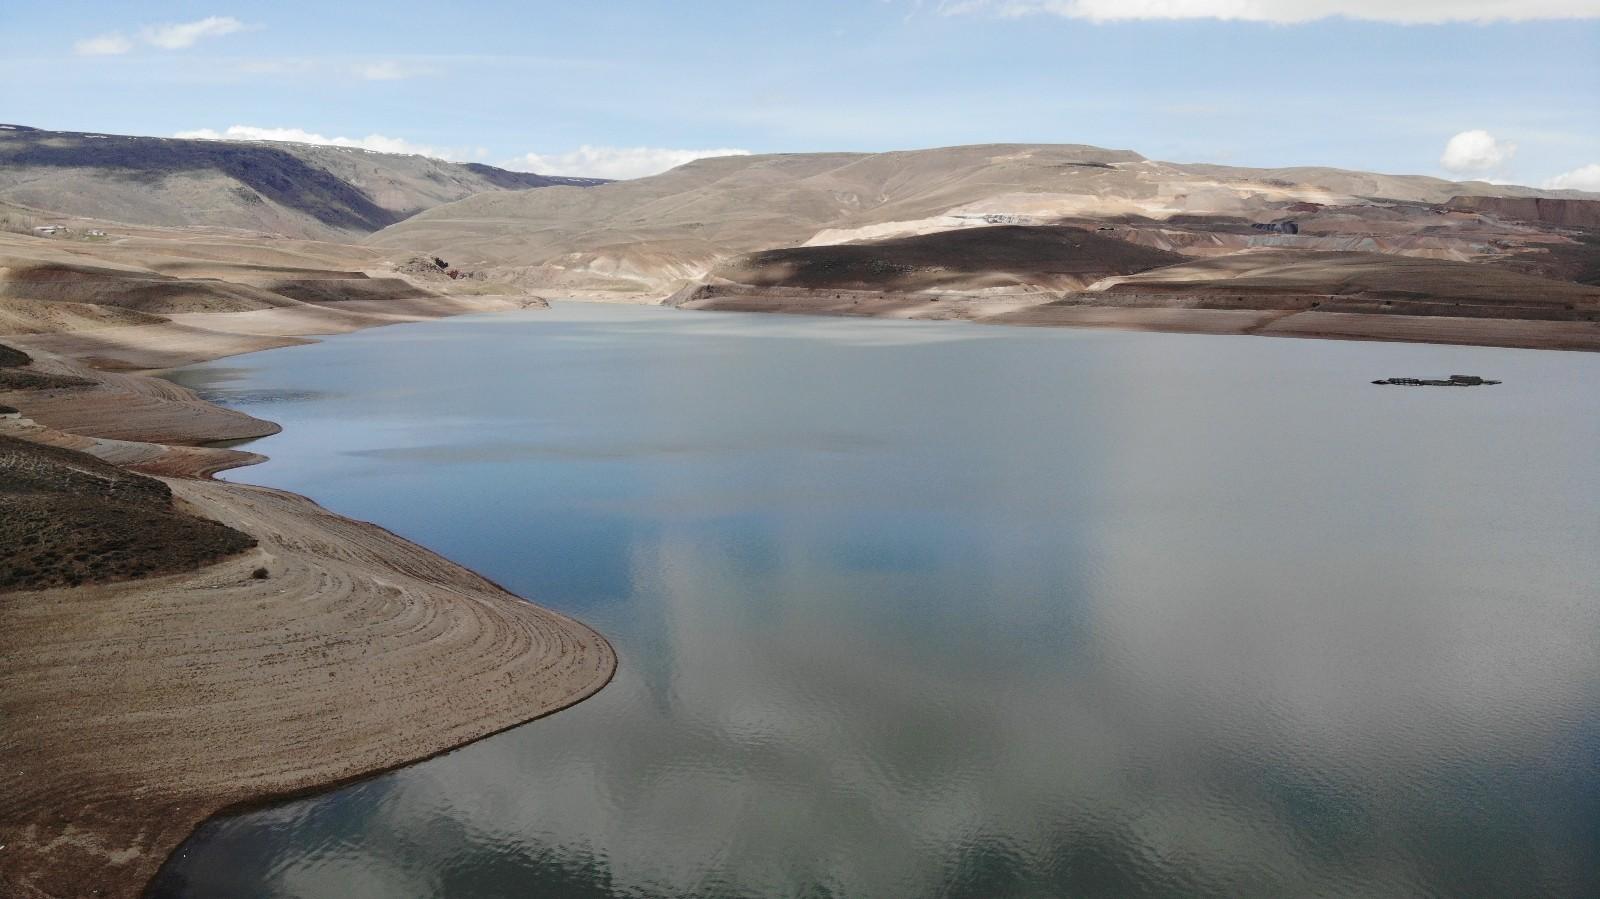 Havadan görüntülenen Demirdöven Barajı manzarasıyla nefesleri kesiyor